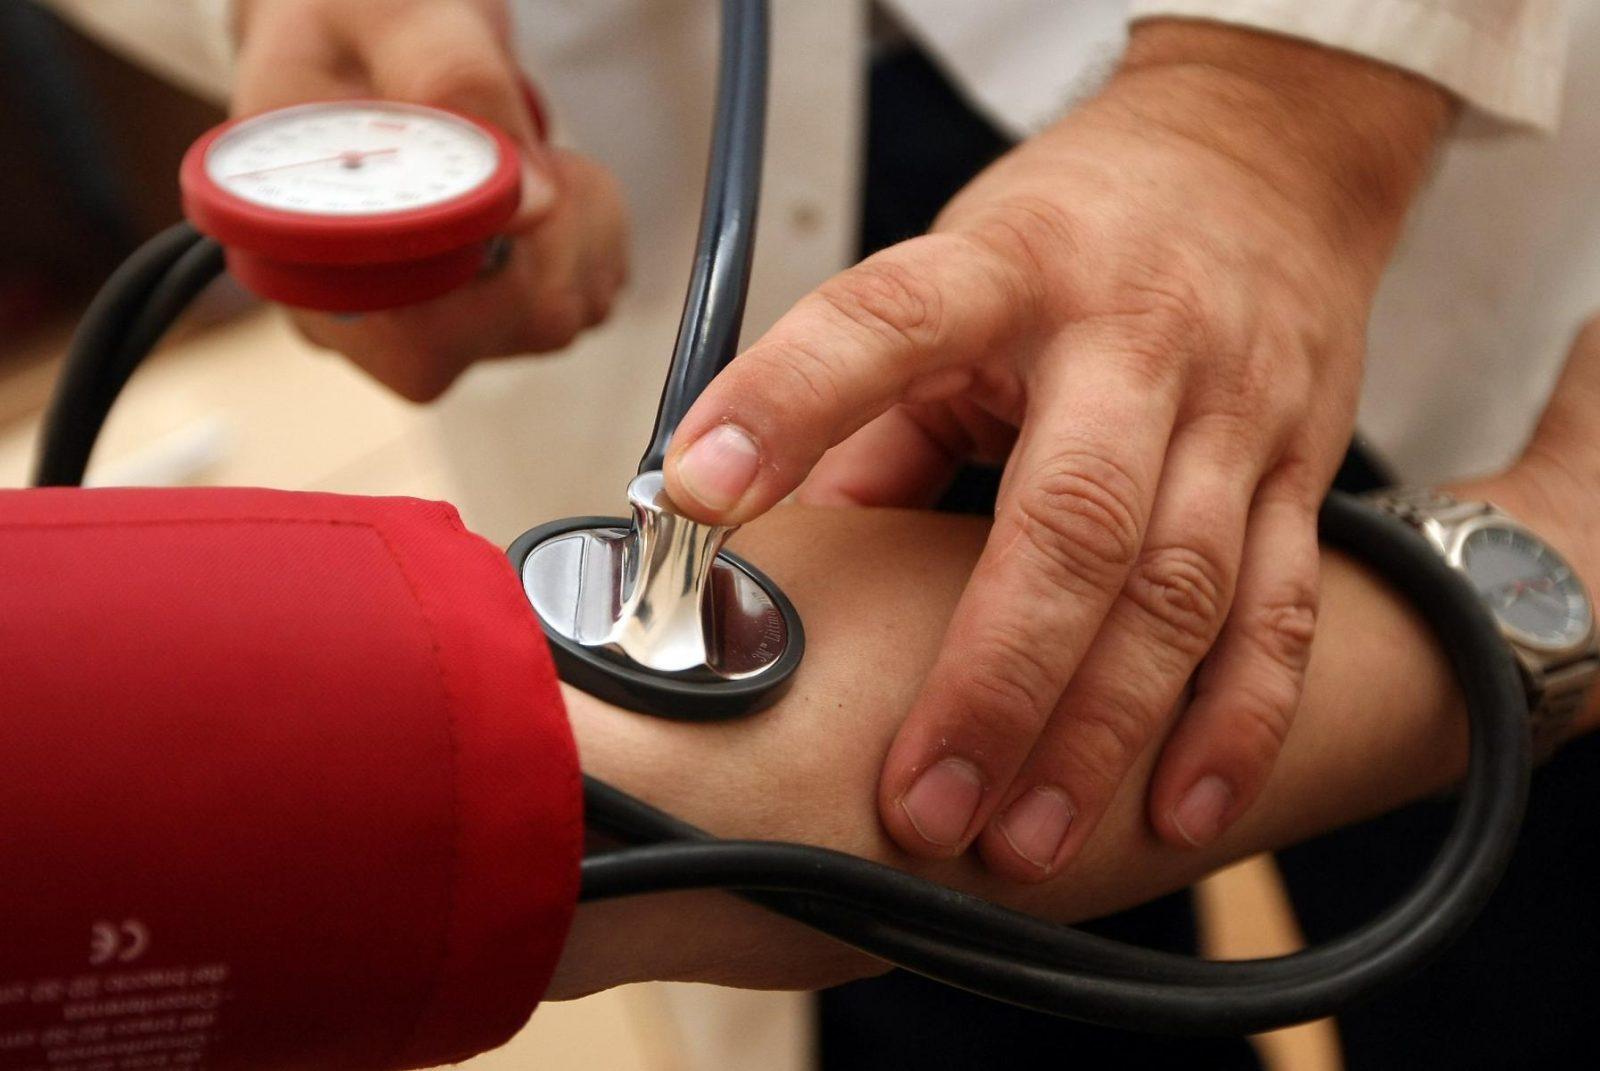 krónikus magas vérnyomás fok magas vérnyomás esetén megengedett termékek 2